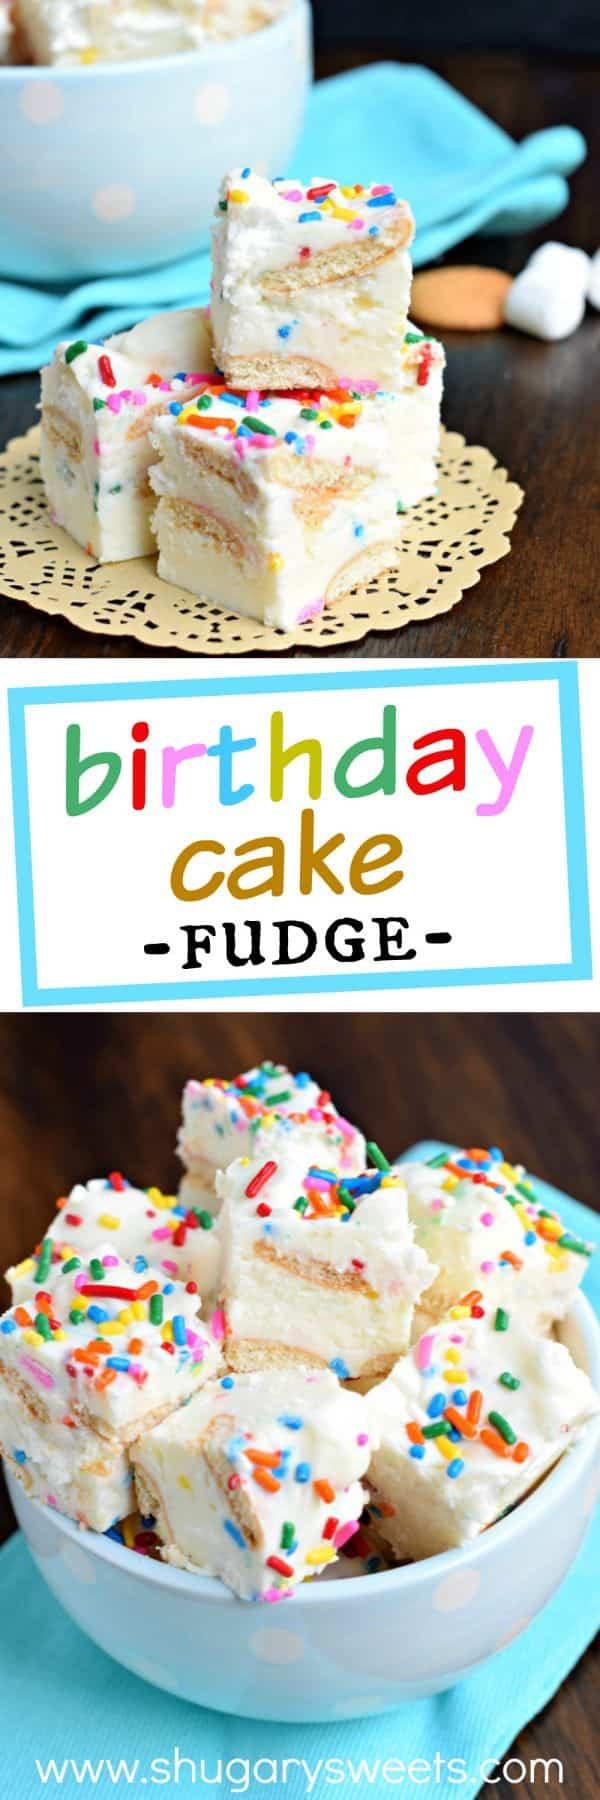 Birthday Cake Fudge  Birthday Cake Fudge Shugary Sweets